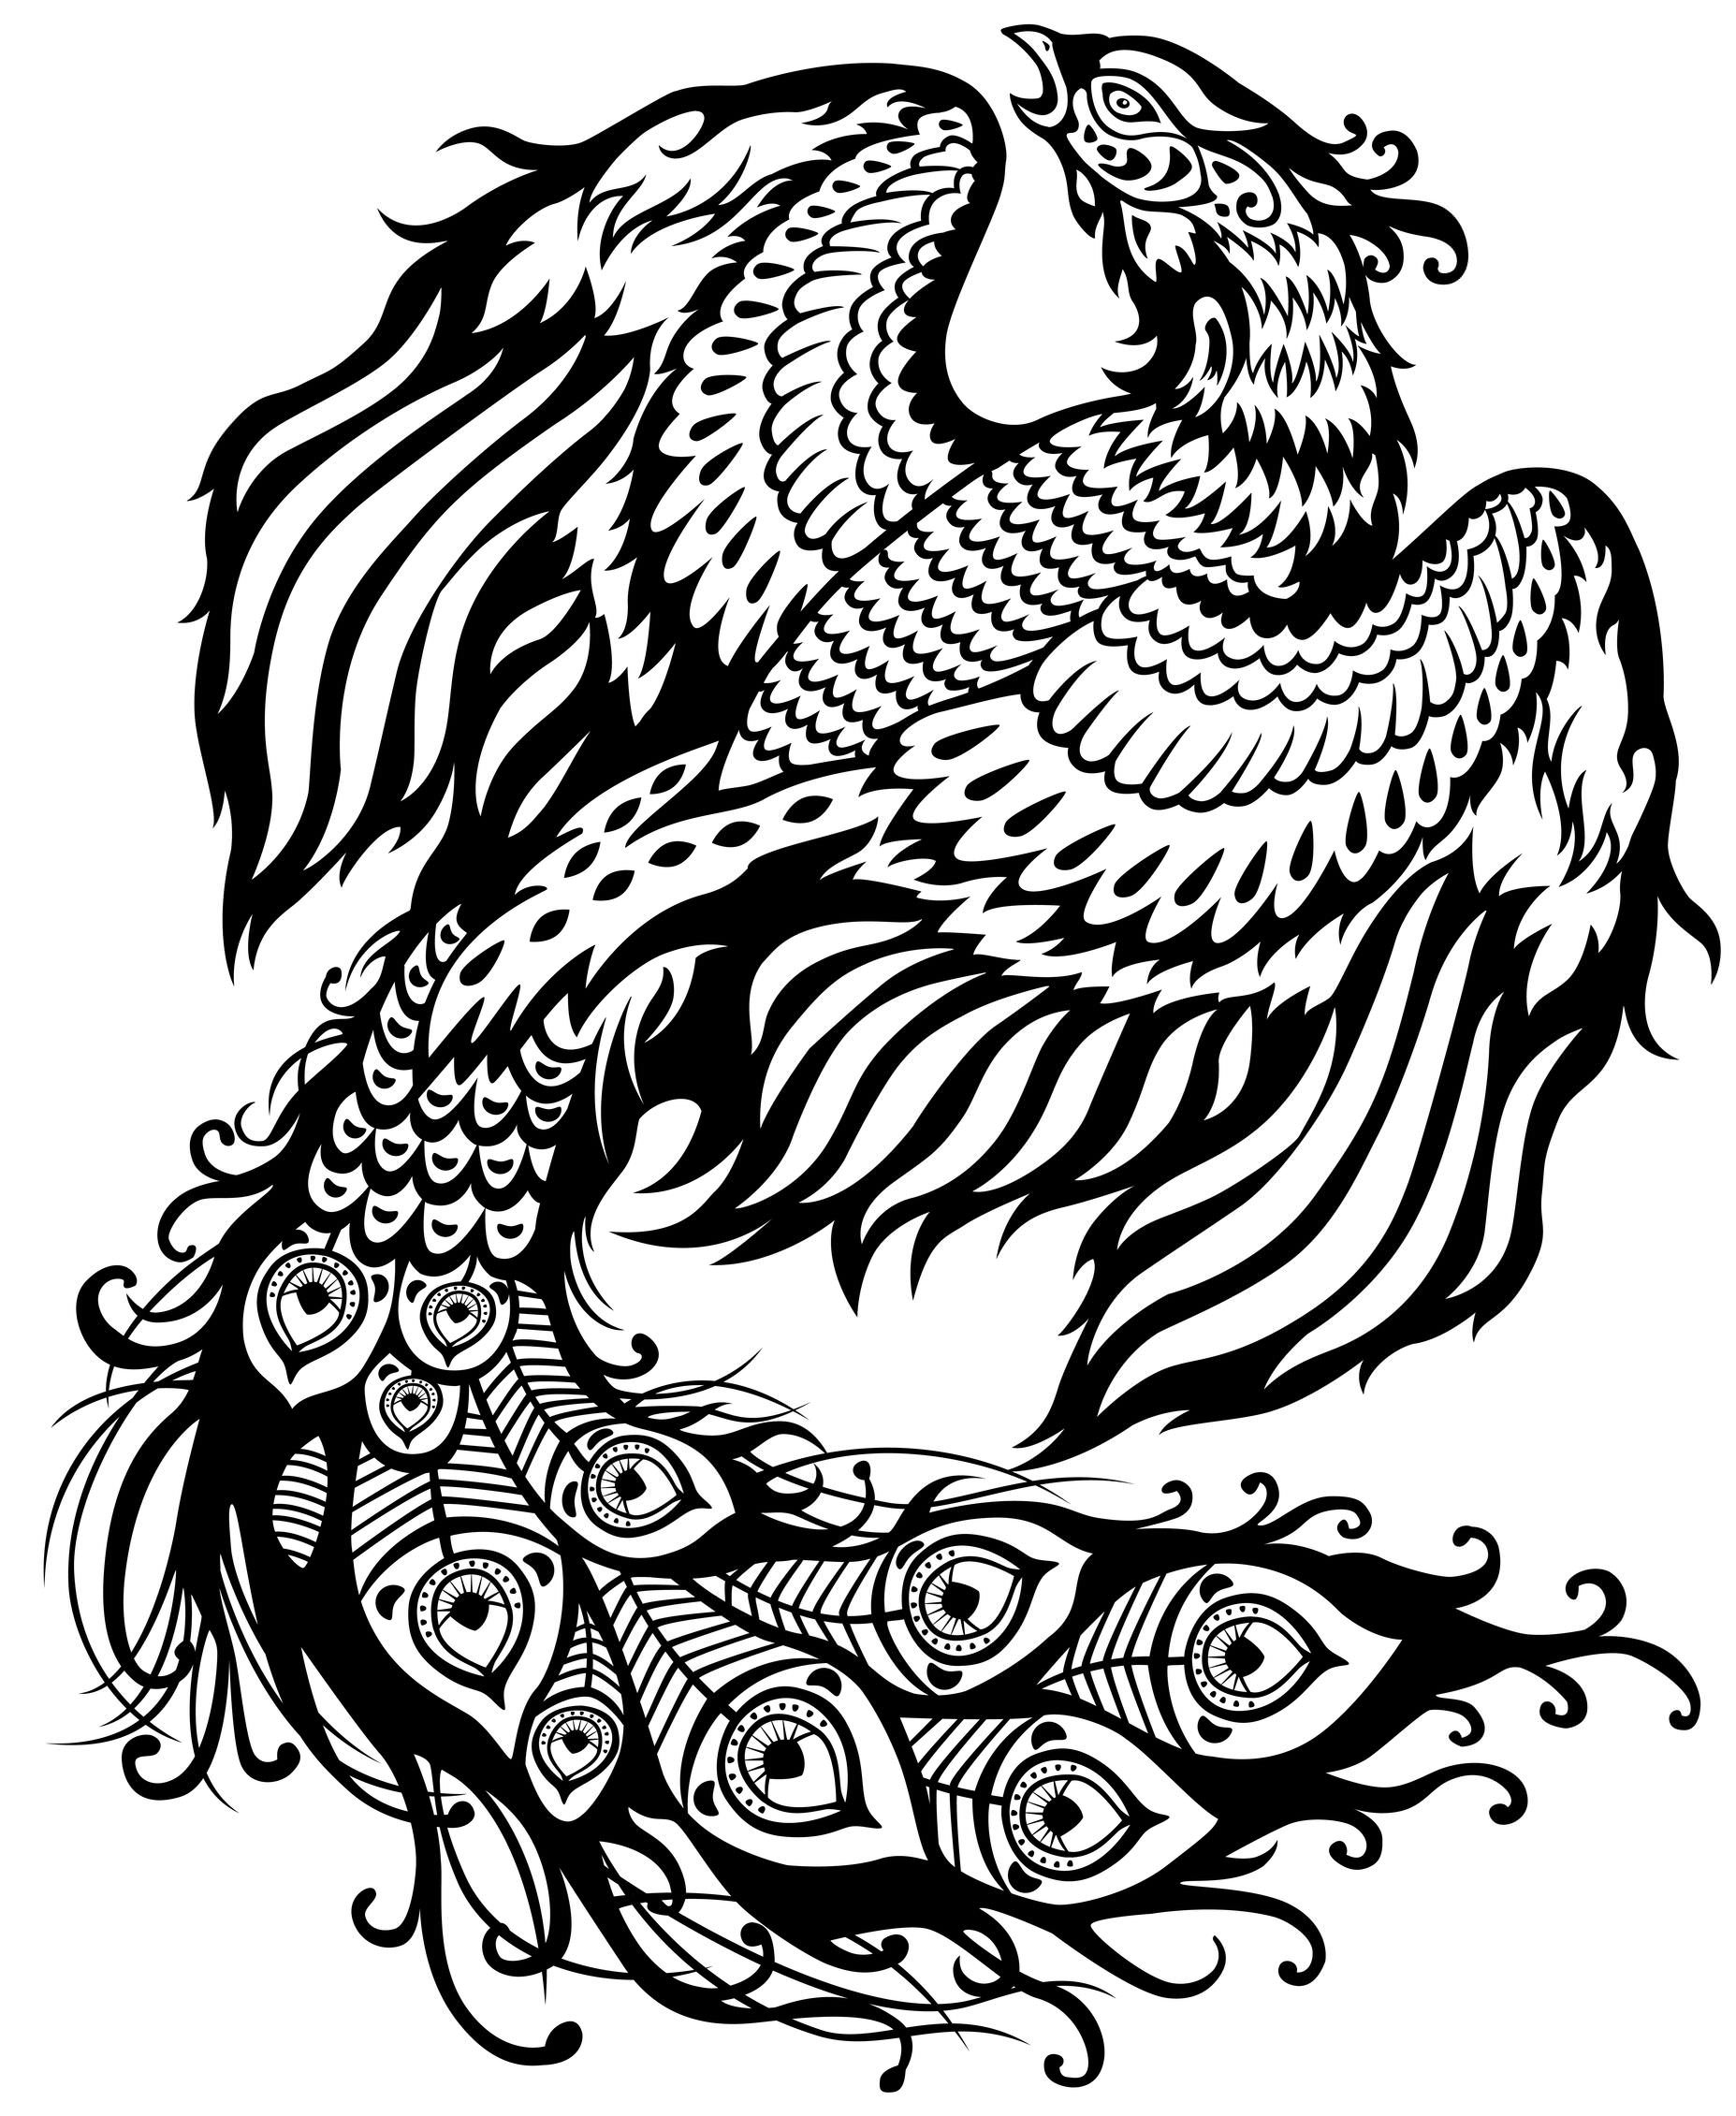 224 dessins de coloriage premier rendez vous imprimer - Dessin noir et blanc animaux ...